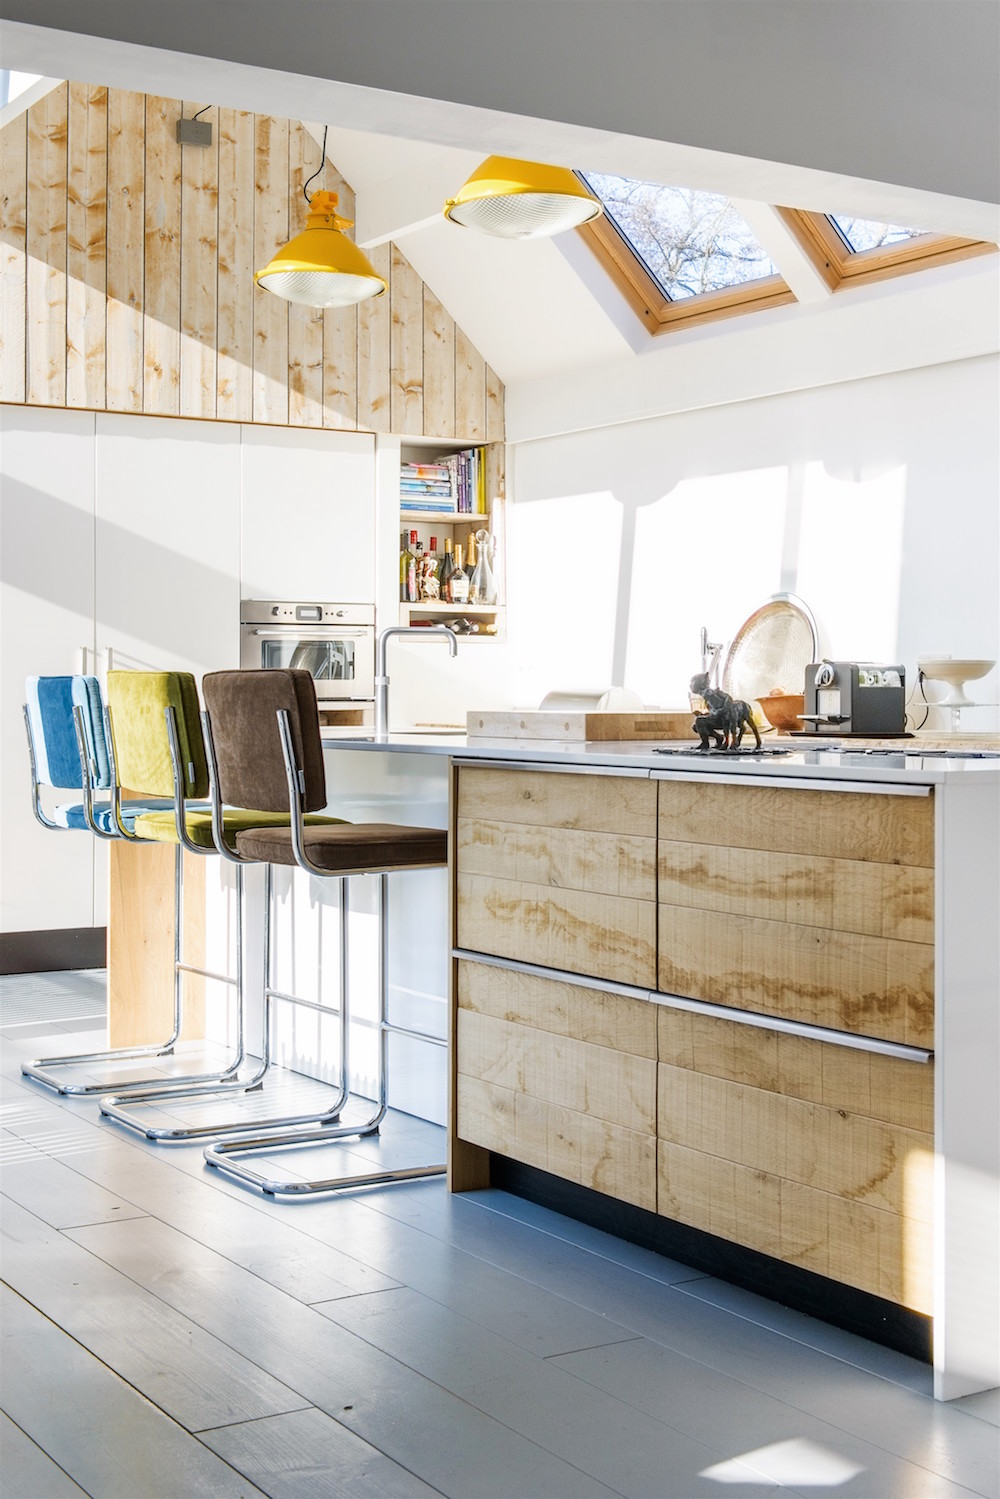 Nieuwe Keuken Kopen Tips : keuken en de hoge wand. Op deze manier ingedeeld is er in de relatief